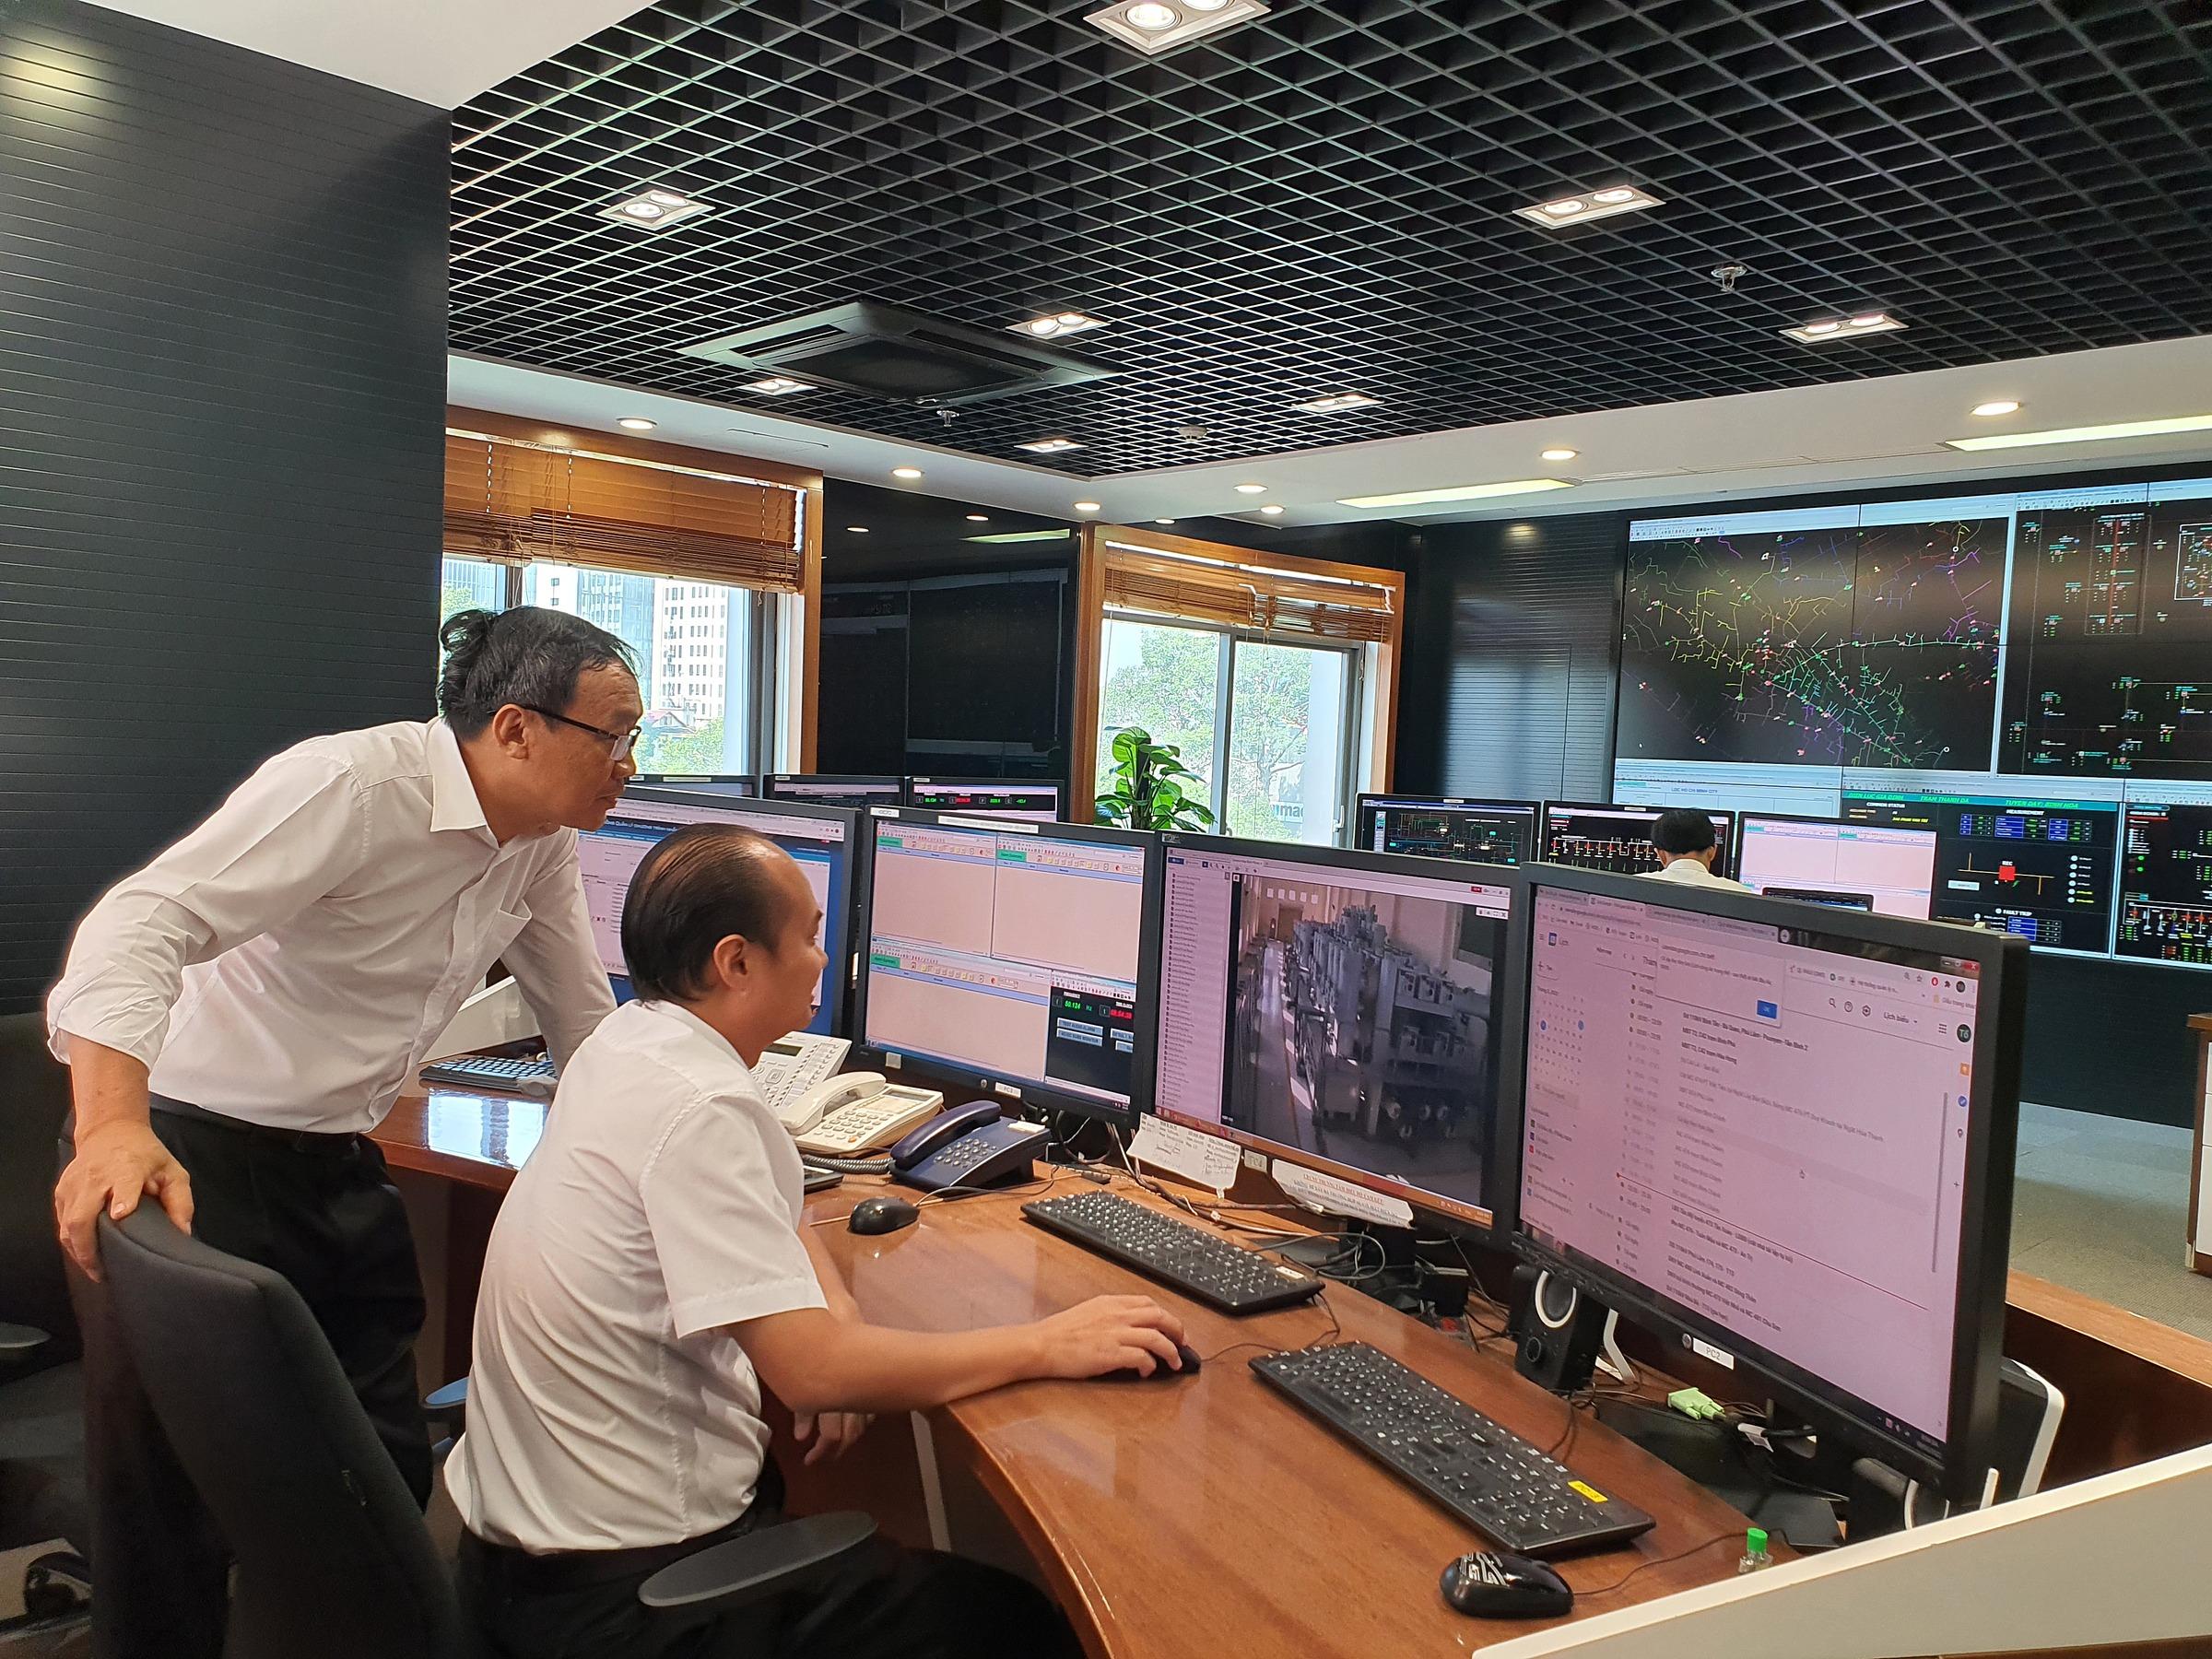 EVNHCMC liên tục ứng dụng khoa học công nghệ để quản lý hiệu quả, nâng trải nghiệm người dùng. Ảnh: EVNHCMC.